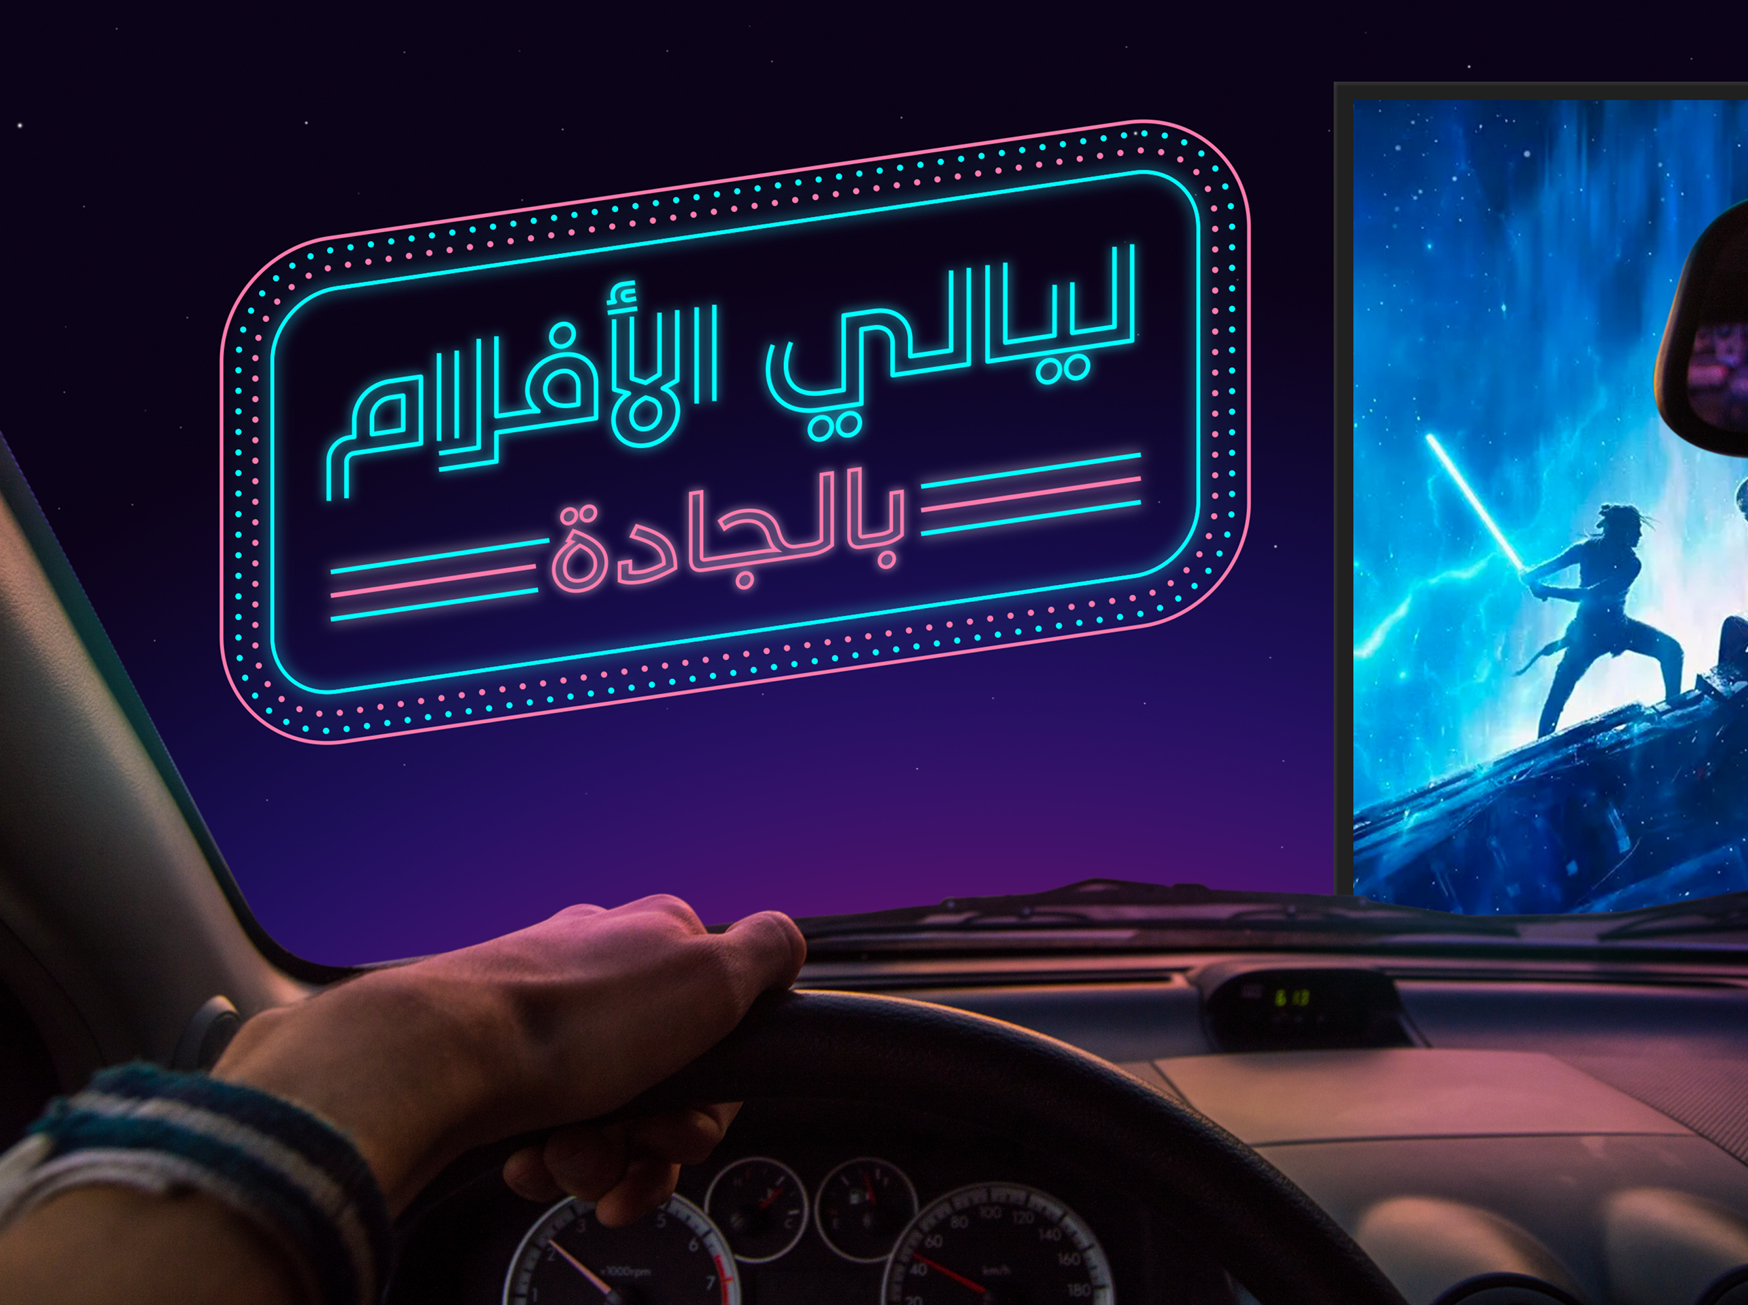 إفتتاح سينما ليالي الأفلام بالجادة الجديدة في الشارقة